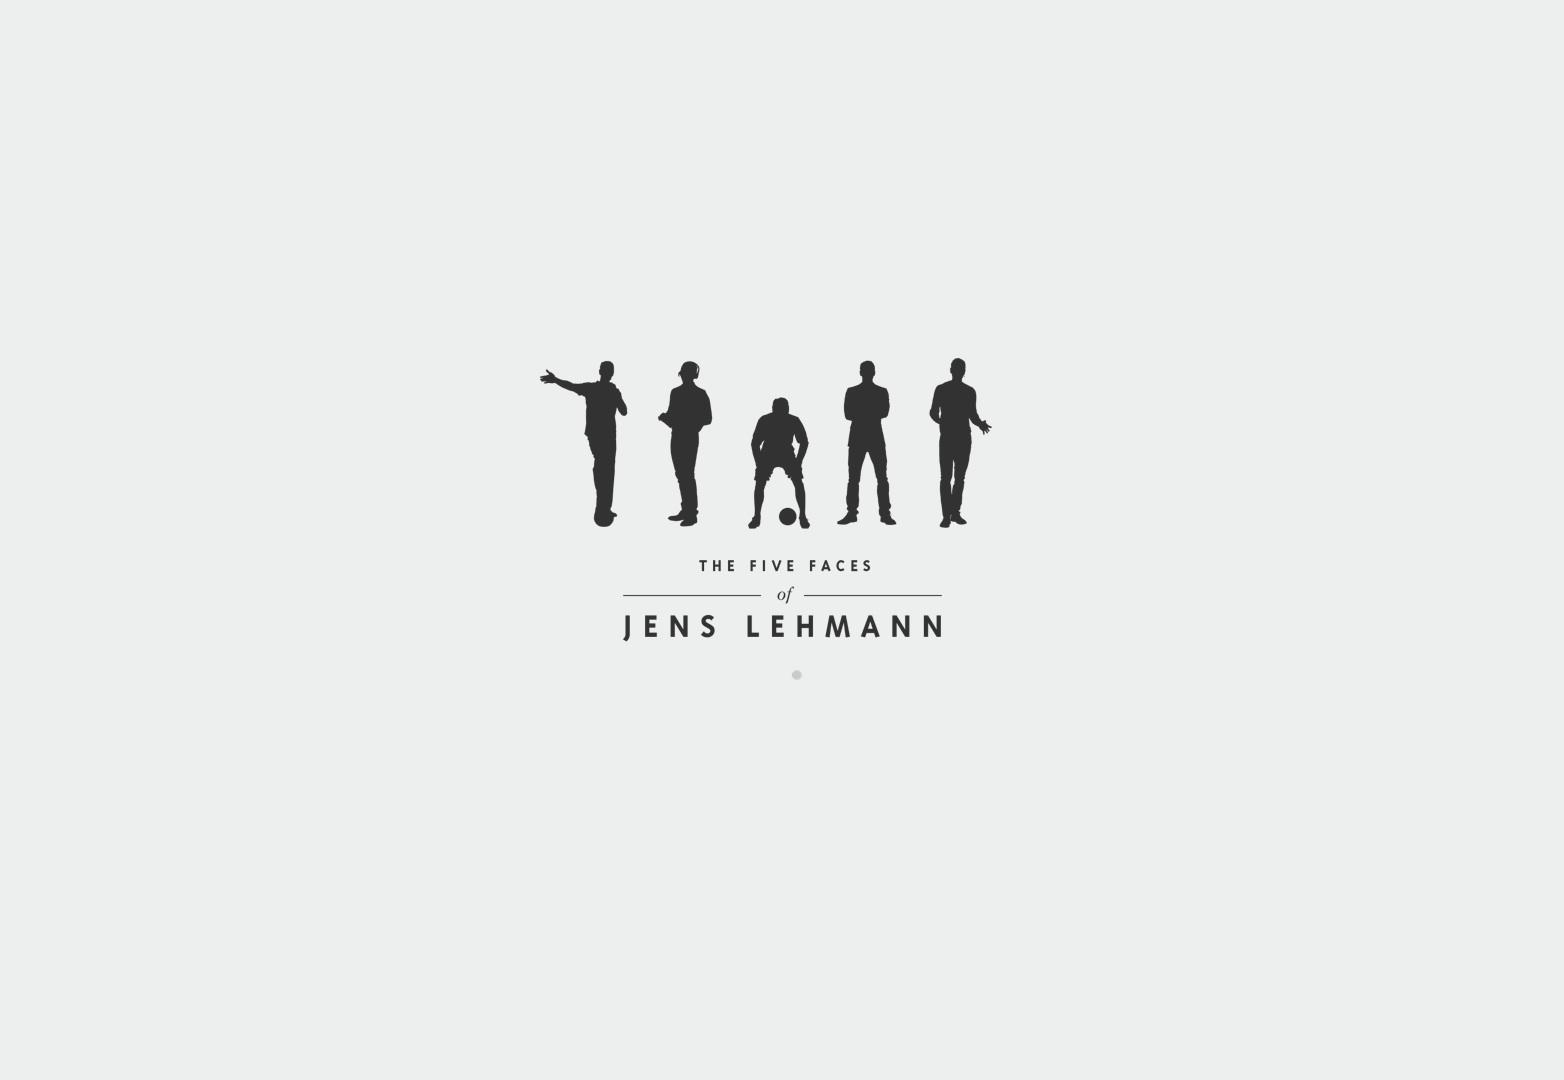 Offizielle Domovská stránka von Jens Lehmann | Oficiální stránky Jensa Lehmanna